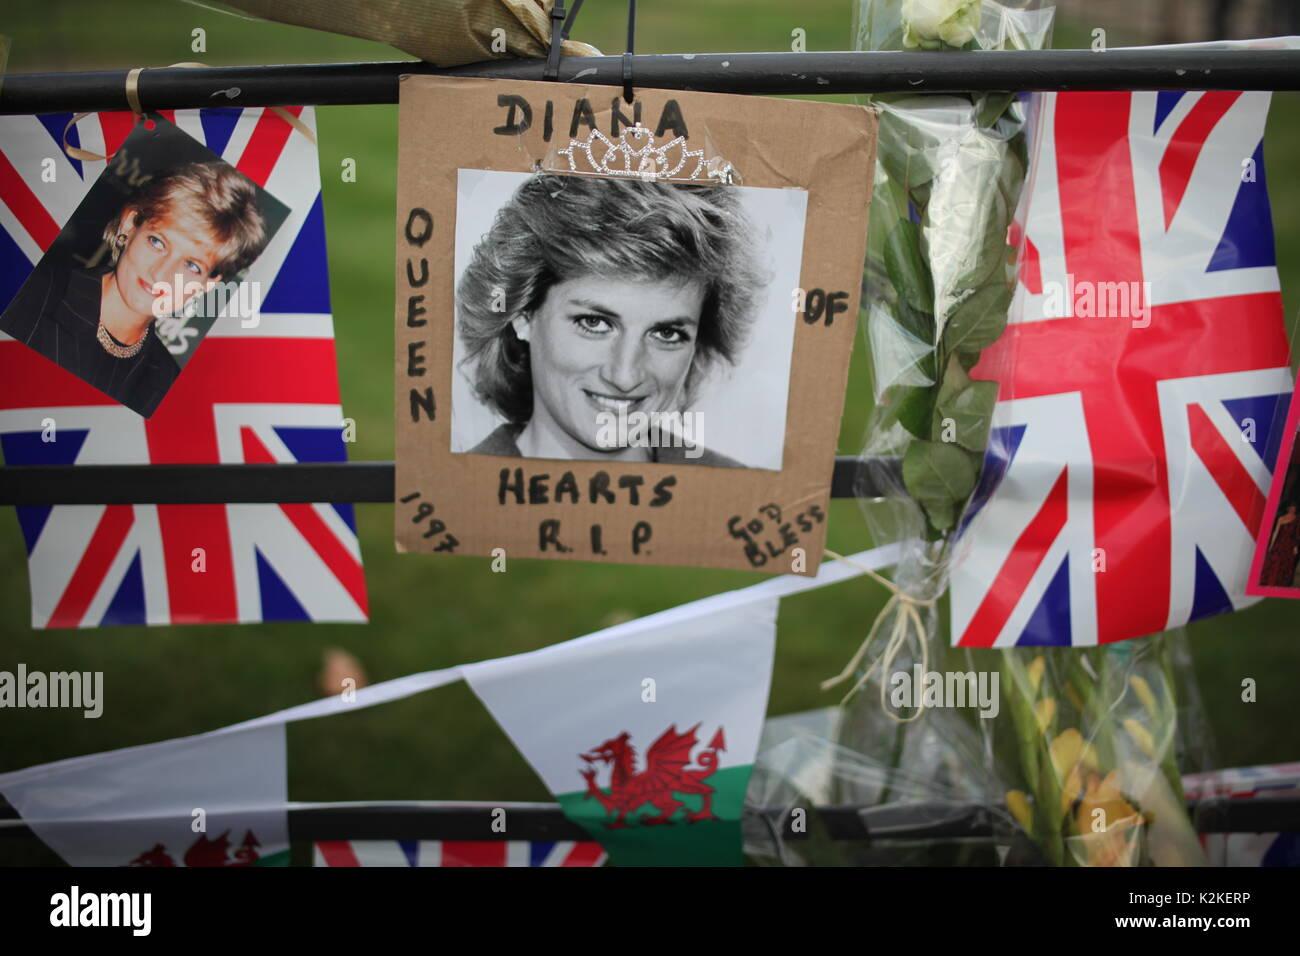 Londres, Royaume-Uni. Août 31, 2017. Les gens rendent hommage à la Princesse Diana à Kensington Palace après 20 ans de sa mort, London, UK Crédit: Nastia M/Alamy Live News Photo Stock